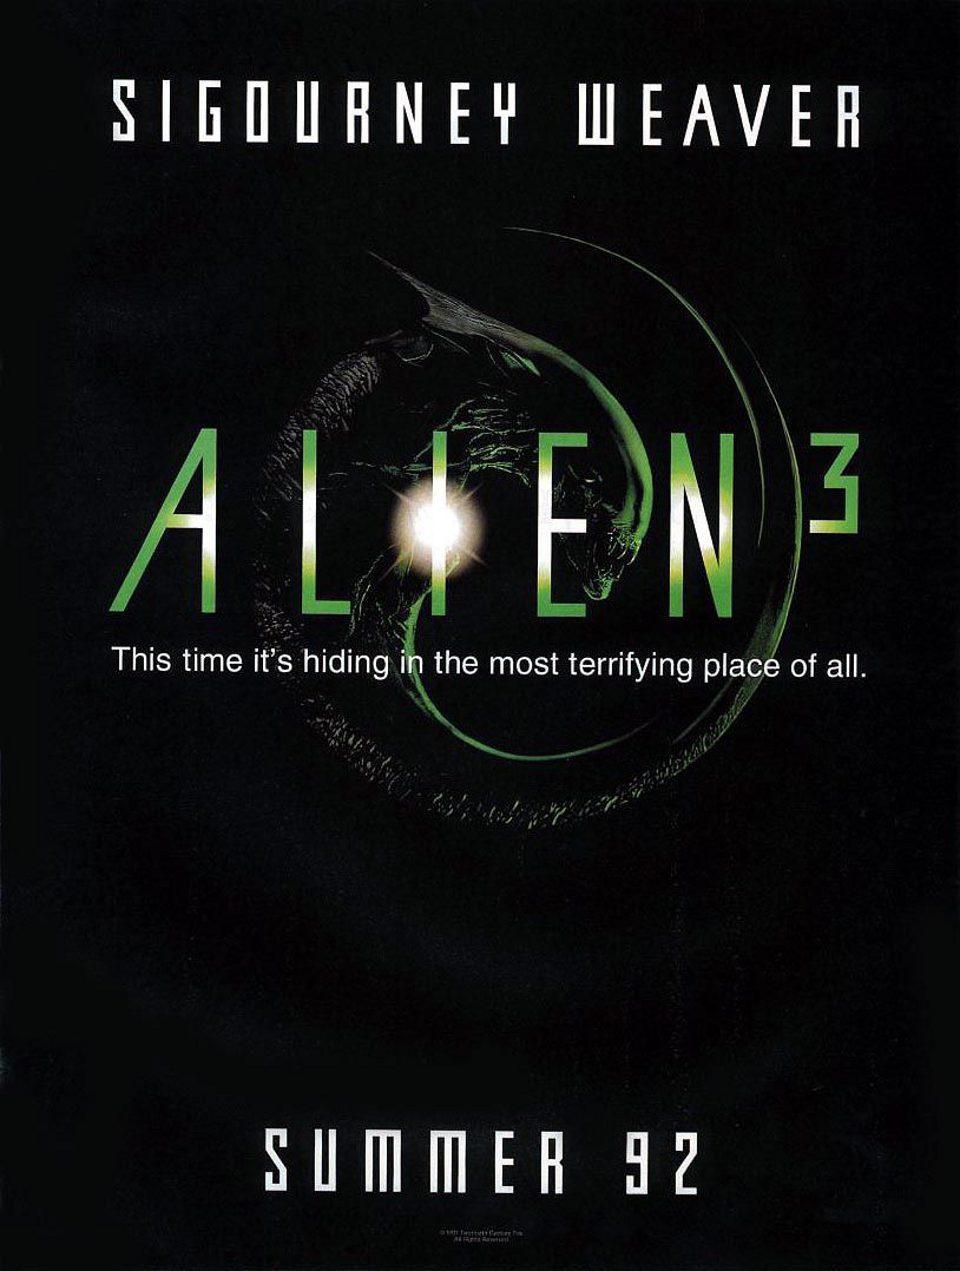 Cartel Estados Unidos de 'Alien 3'